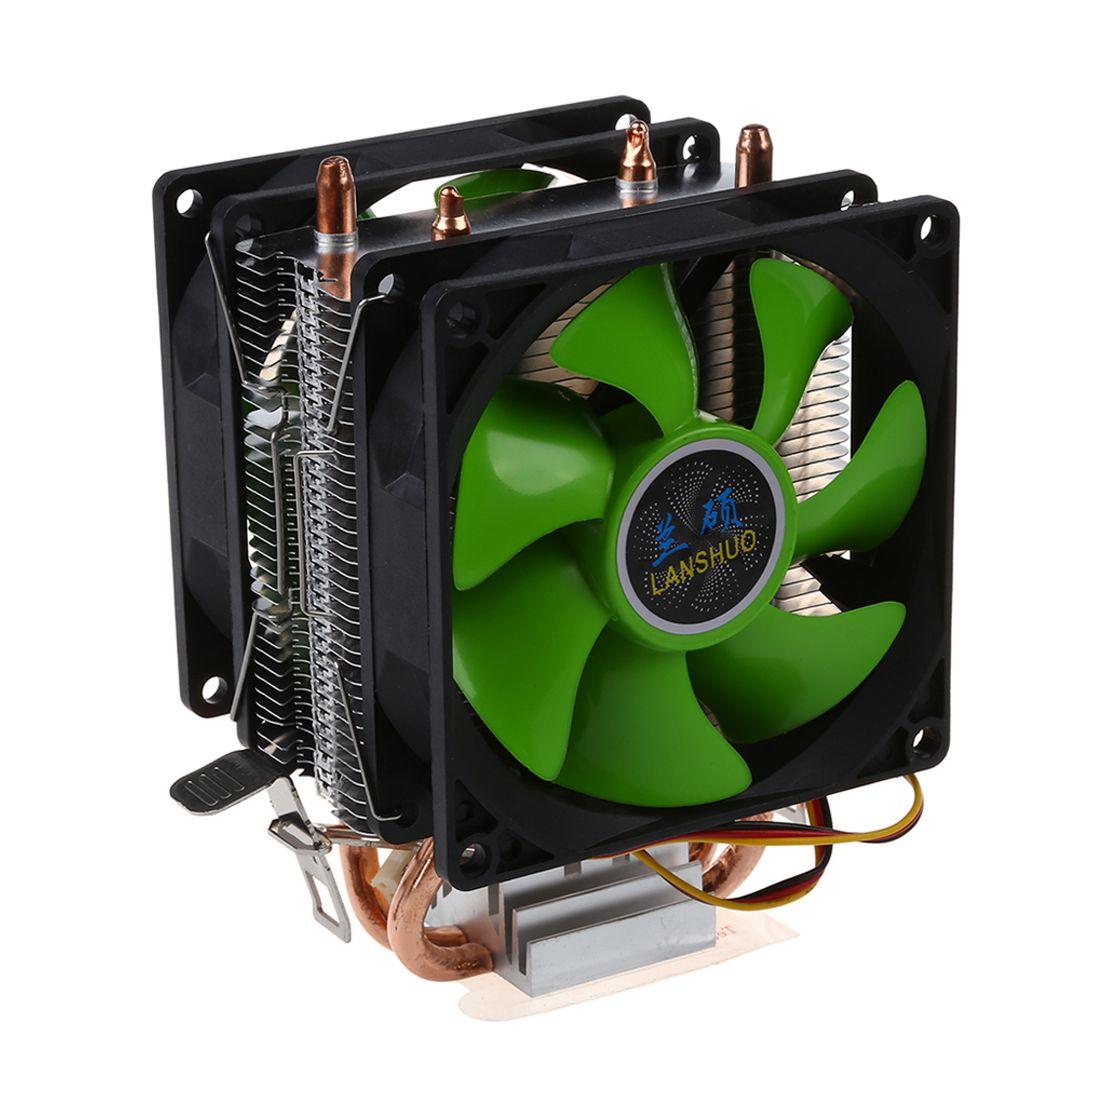 HOT-CPU cooler Silent Fan For Intel LGA775 / 1156/1155 AMD AM2 / AM2 + / AM3